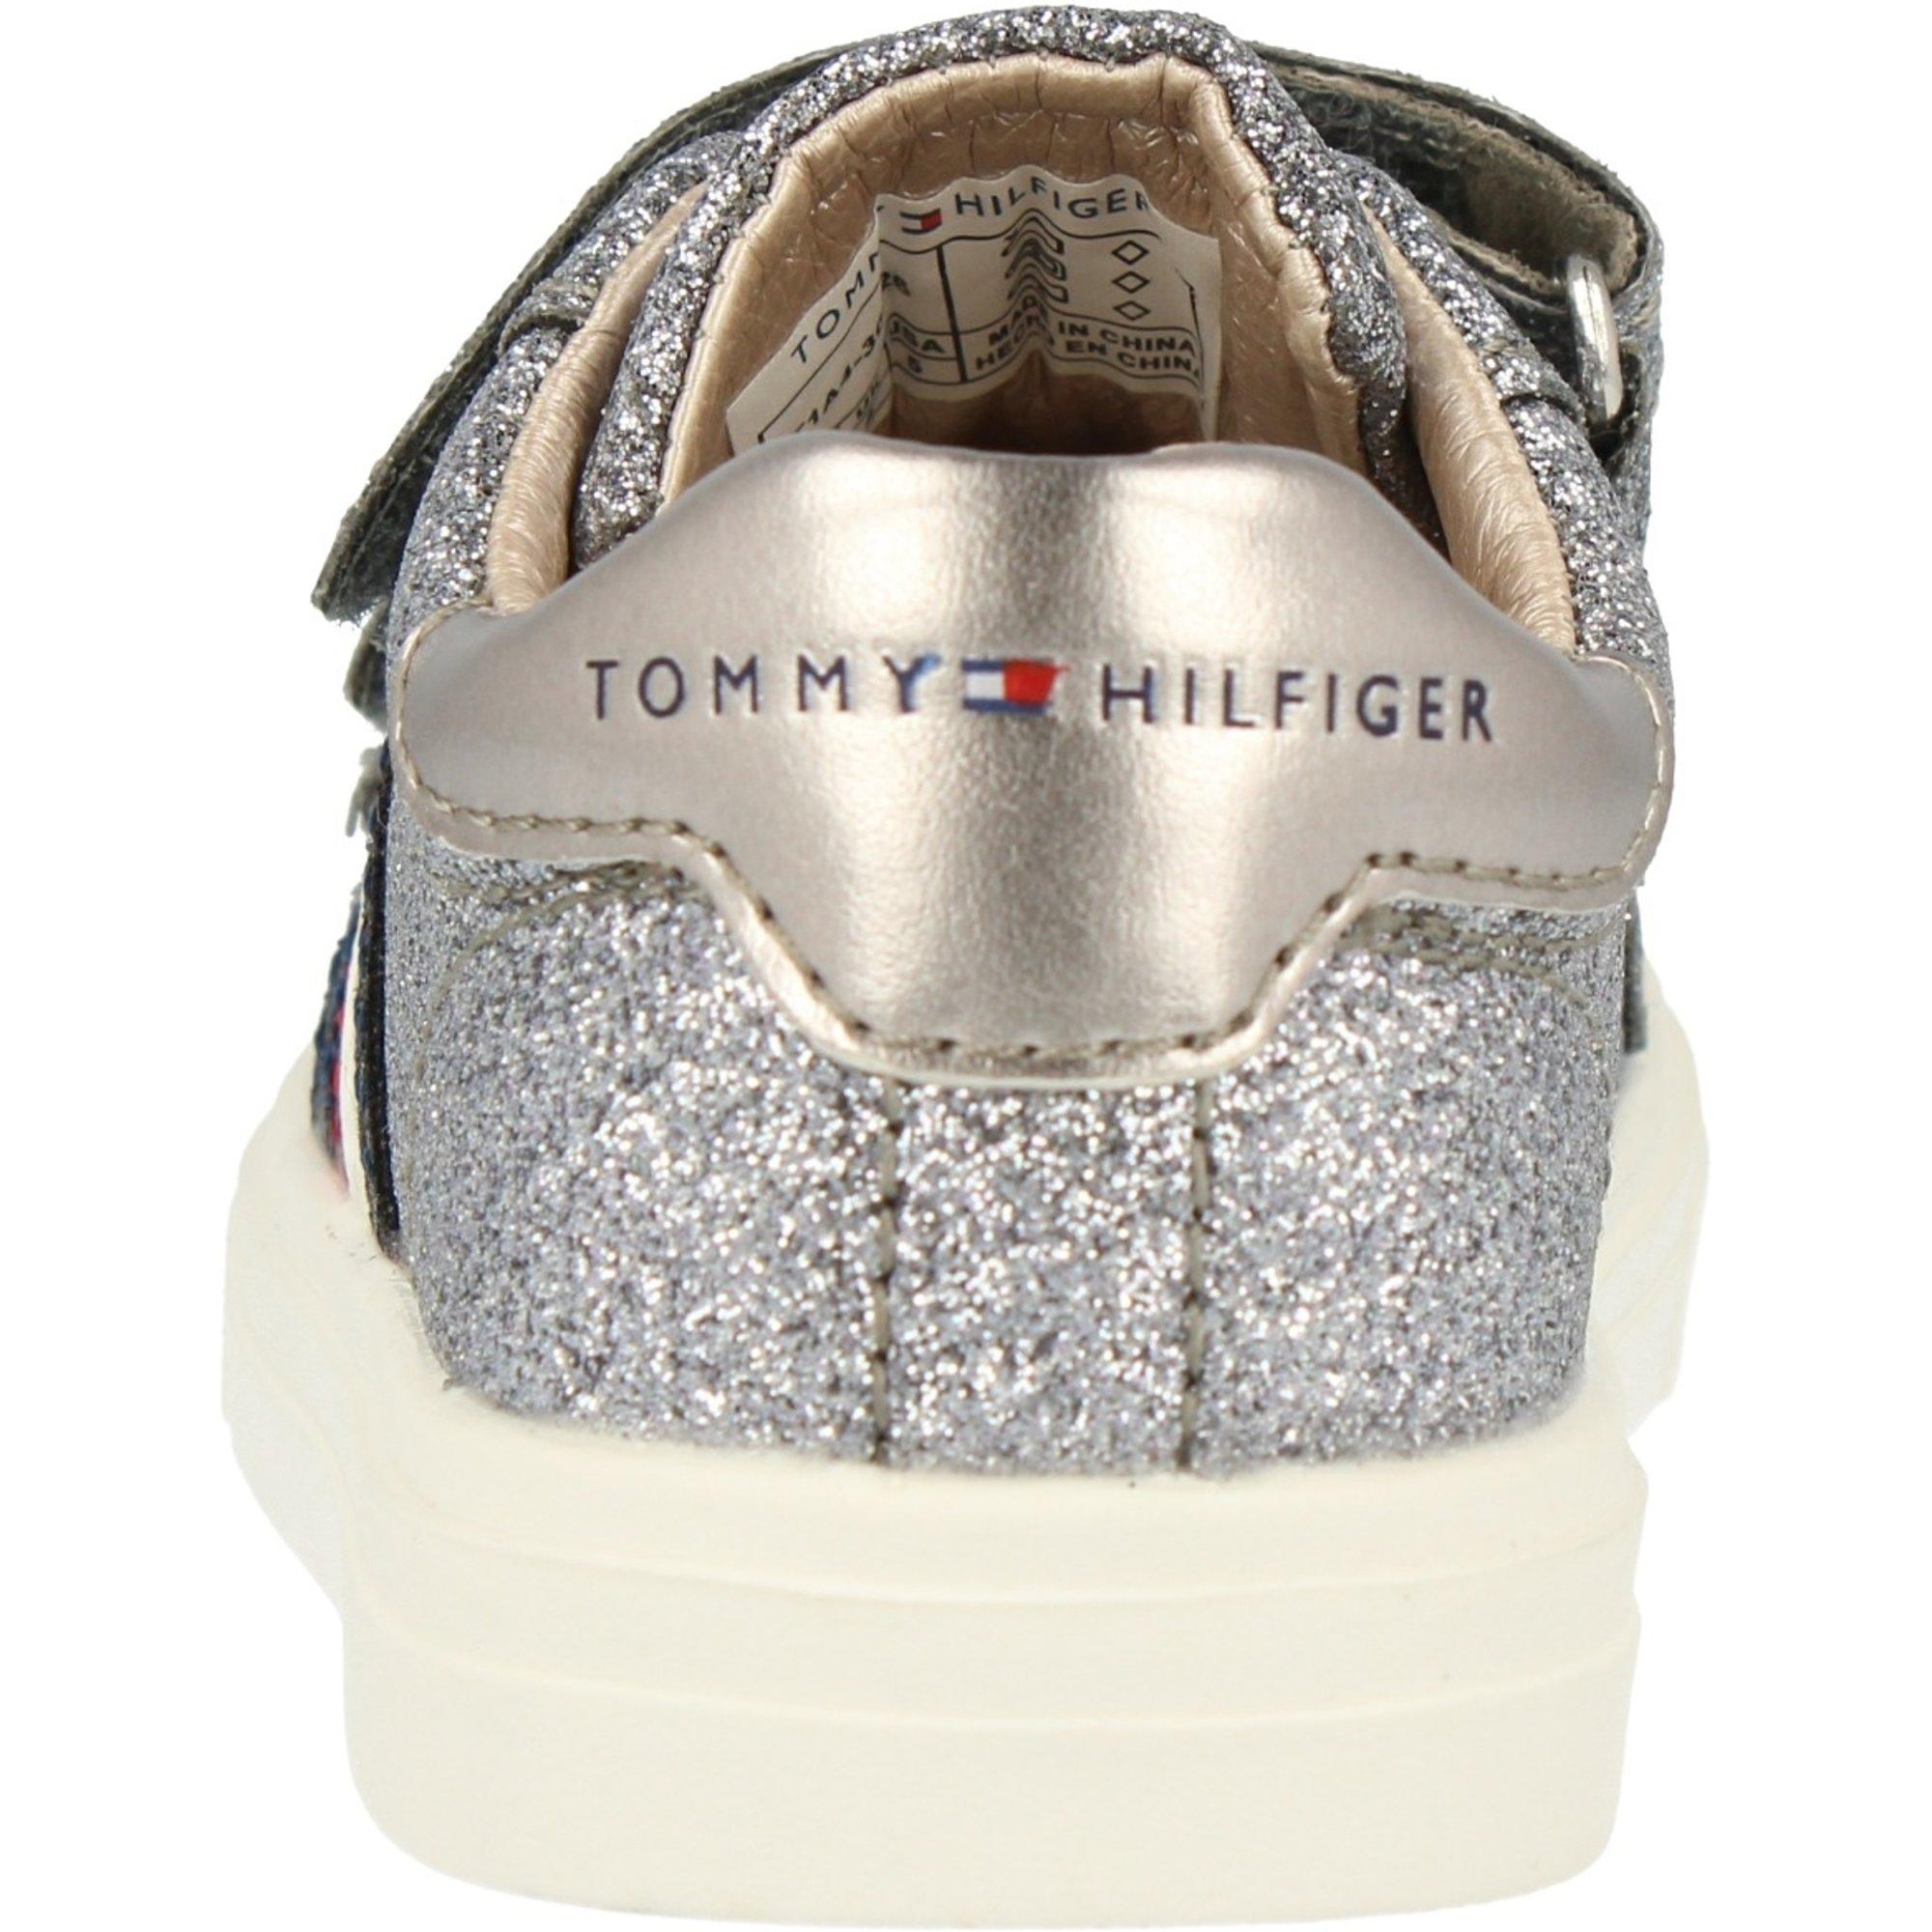 Tommy Hilfiger Trainer Dark Silver